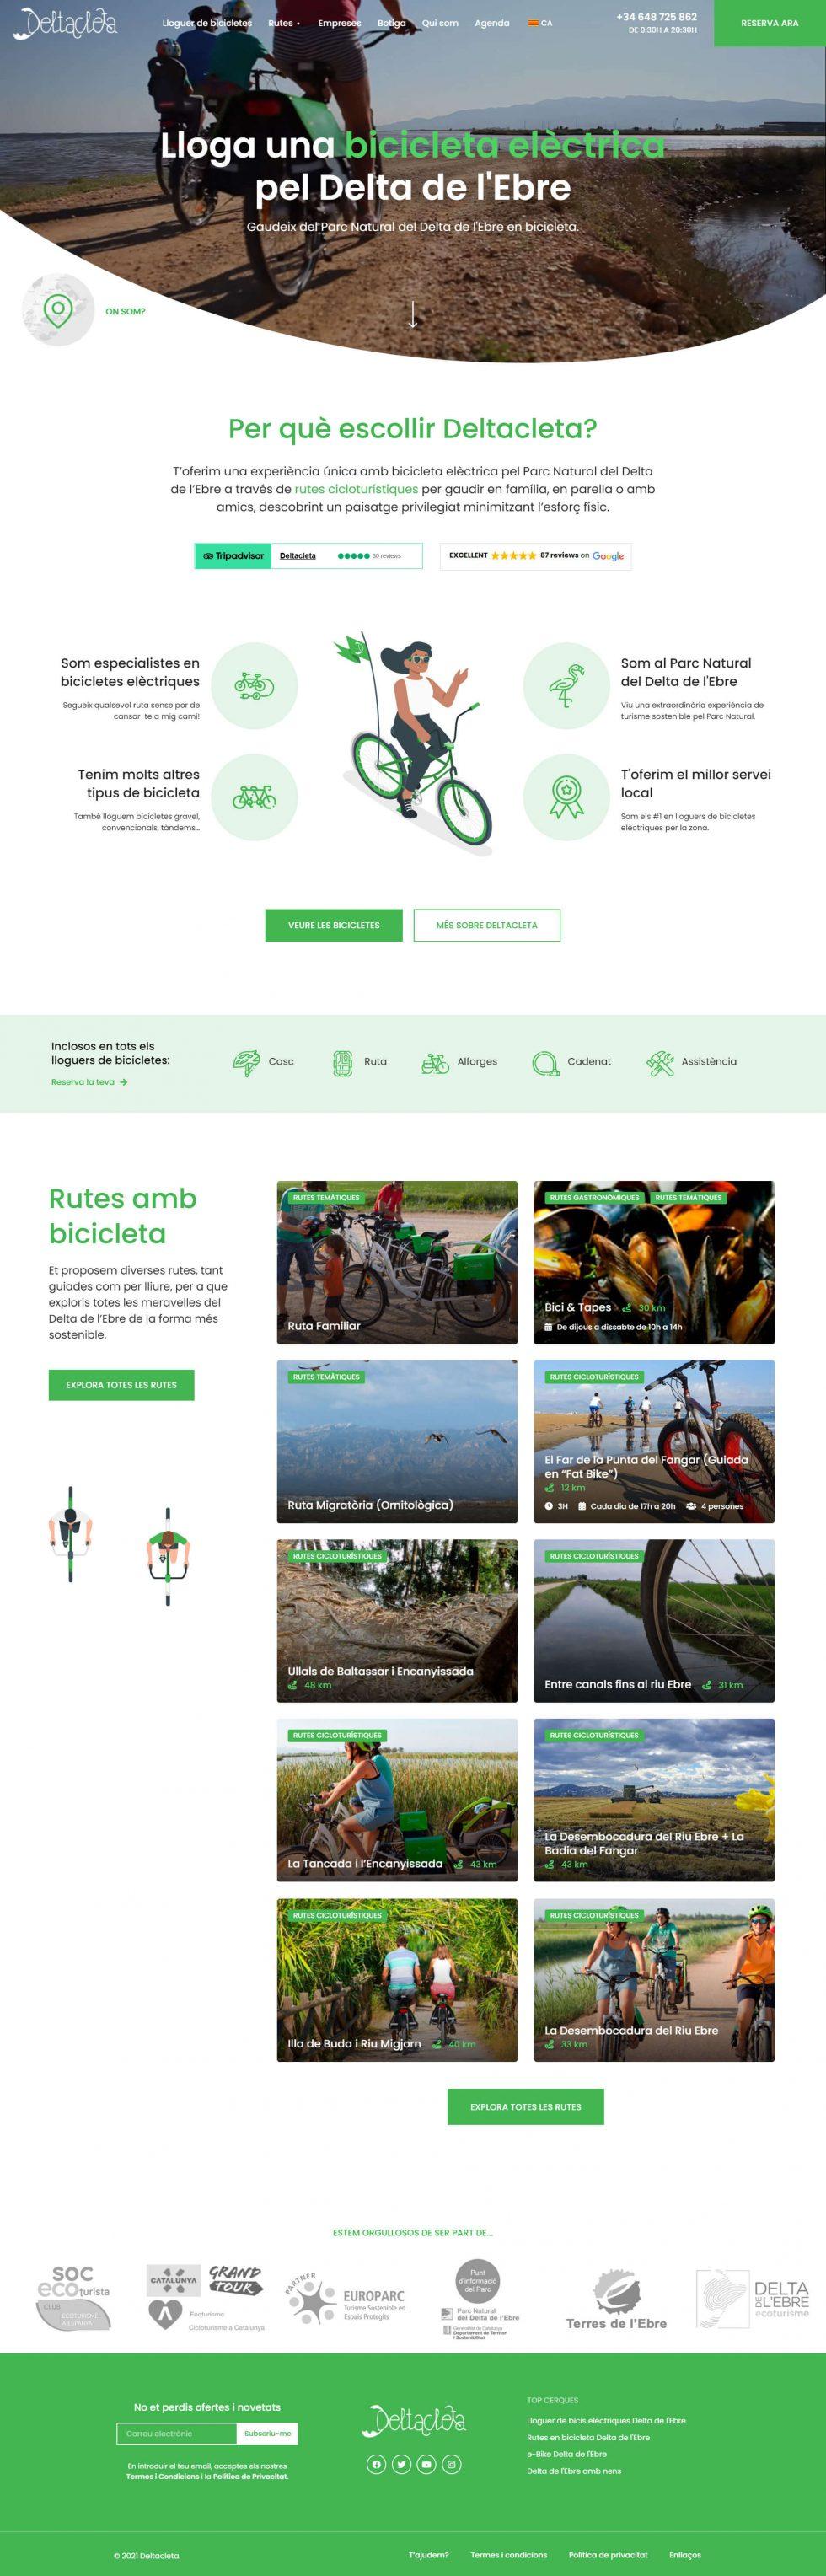 Deltacleta - homepage